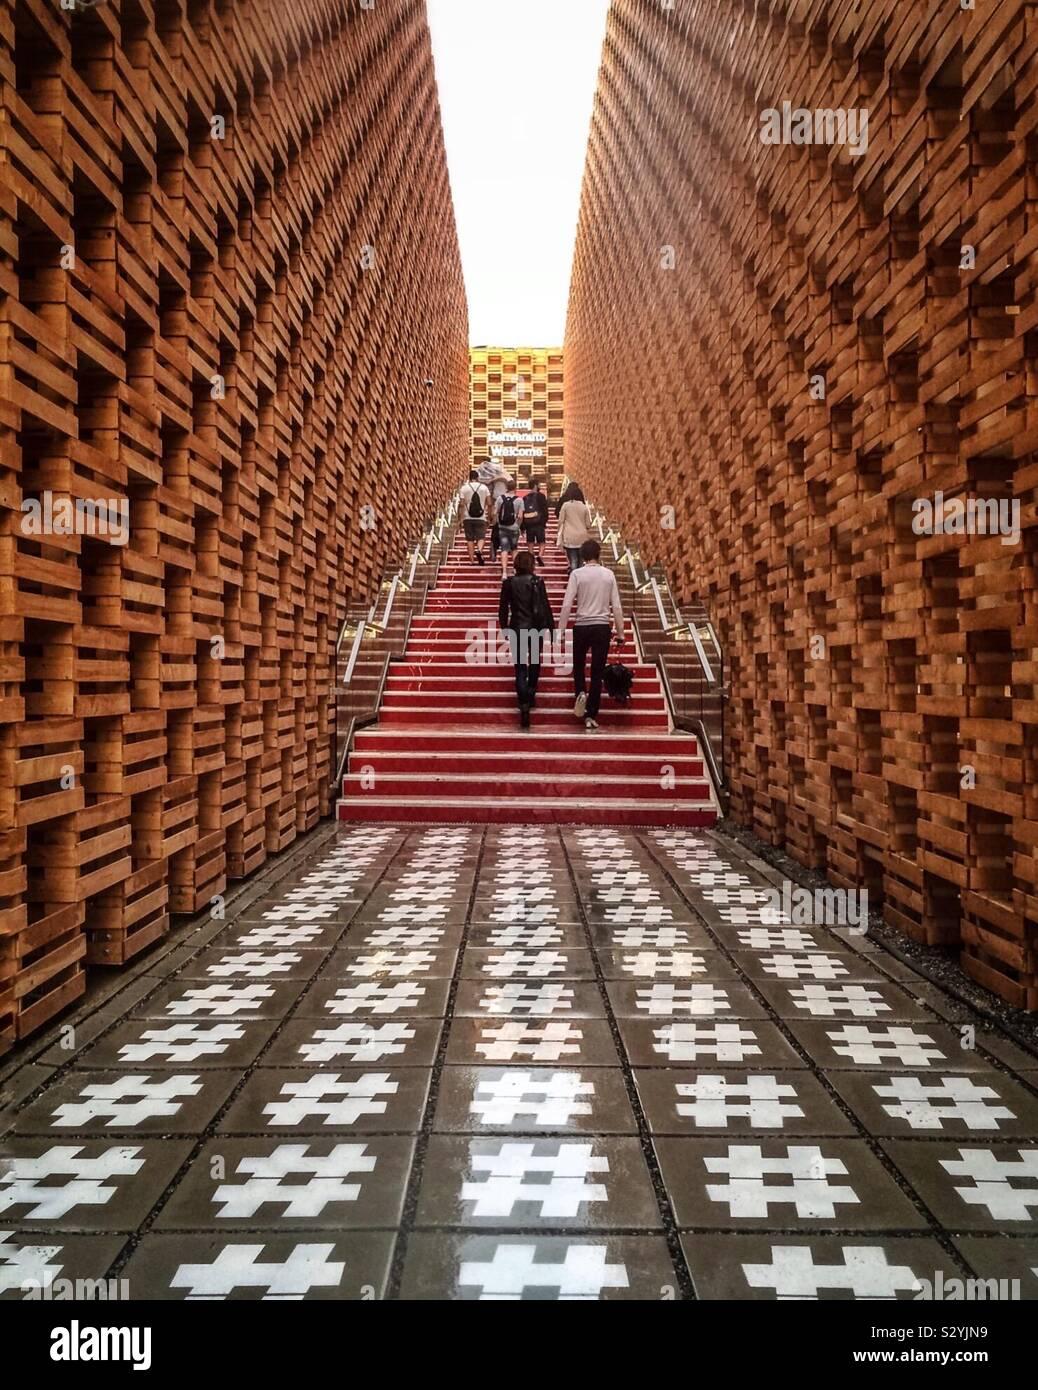 La gente caminando por una escalera entre paredes de ladrillo y un piso de temática hashtag Foto de stock